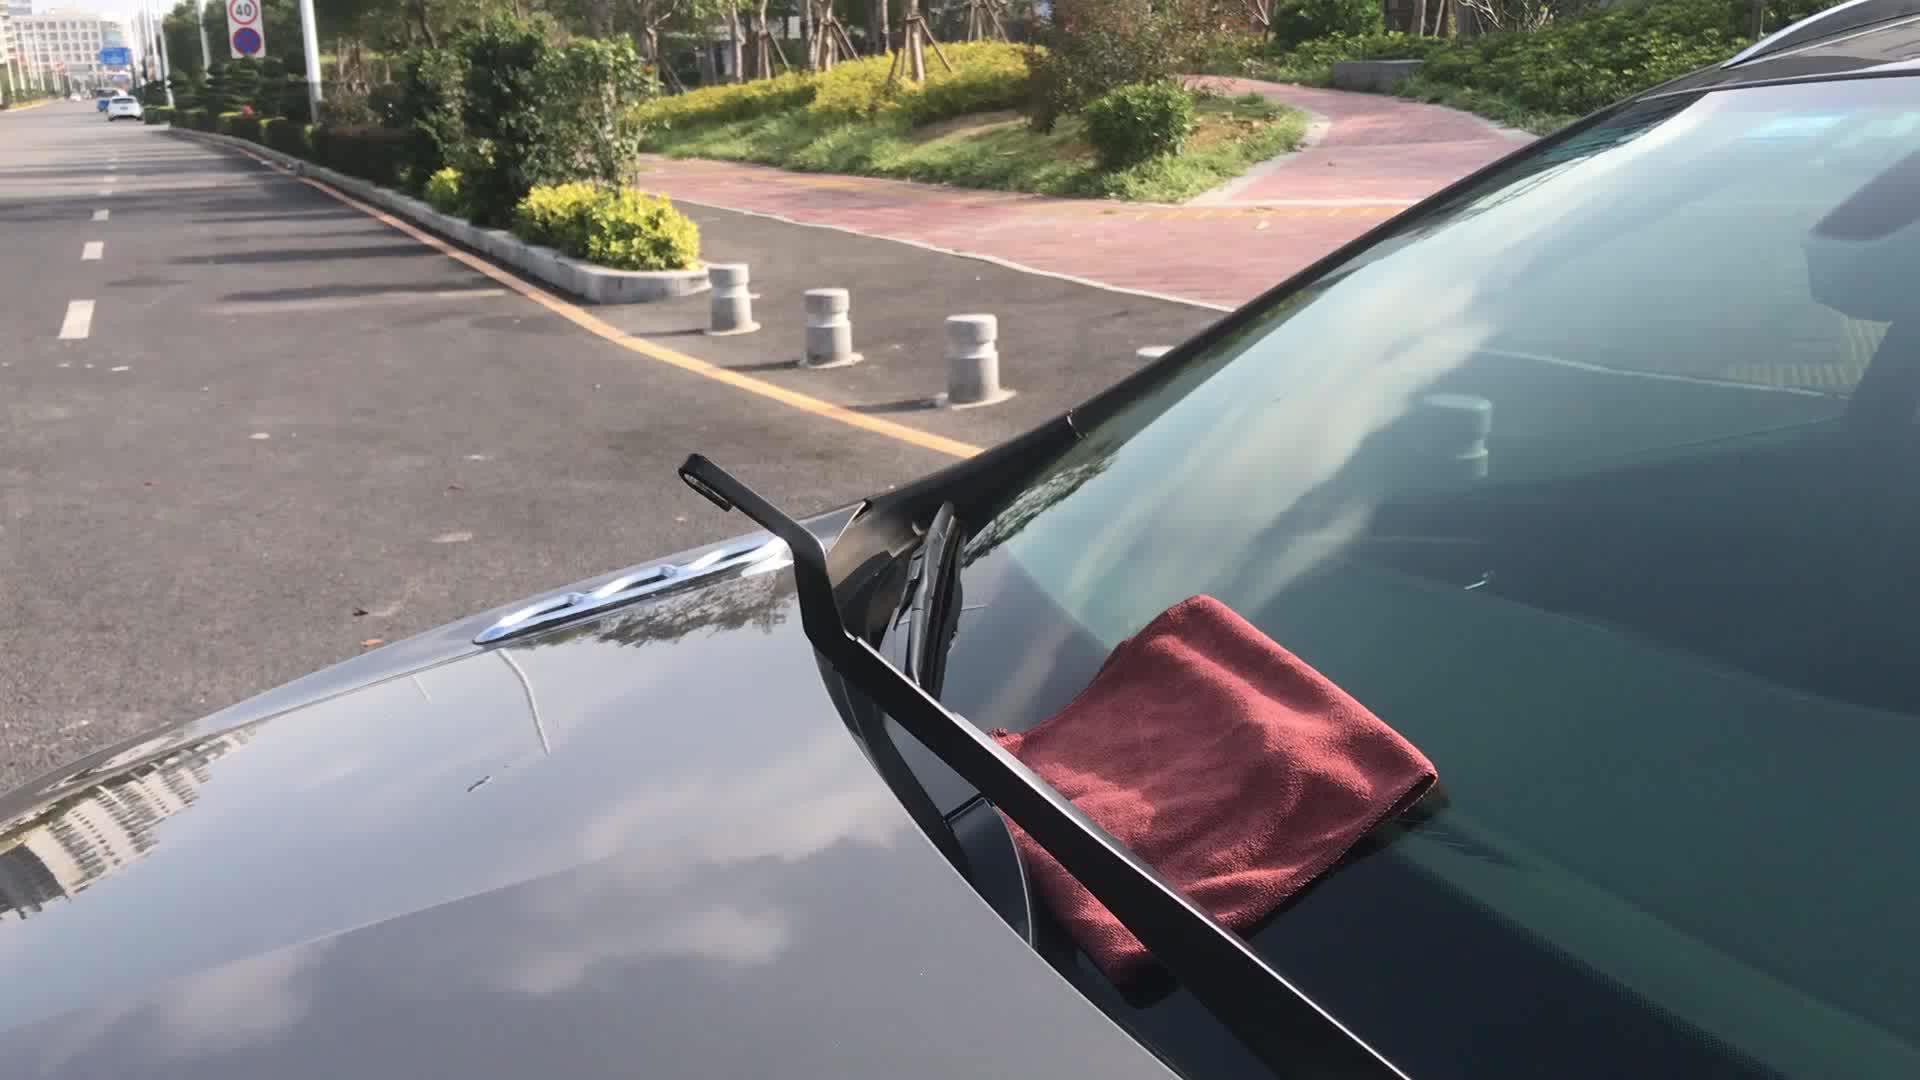 Лобовое стекло без косточек стеклоочистителя гибридное лезвие стеклоочистителя для Toyota Corolla Camry KIA Sportage Hyundai Creta